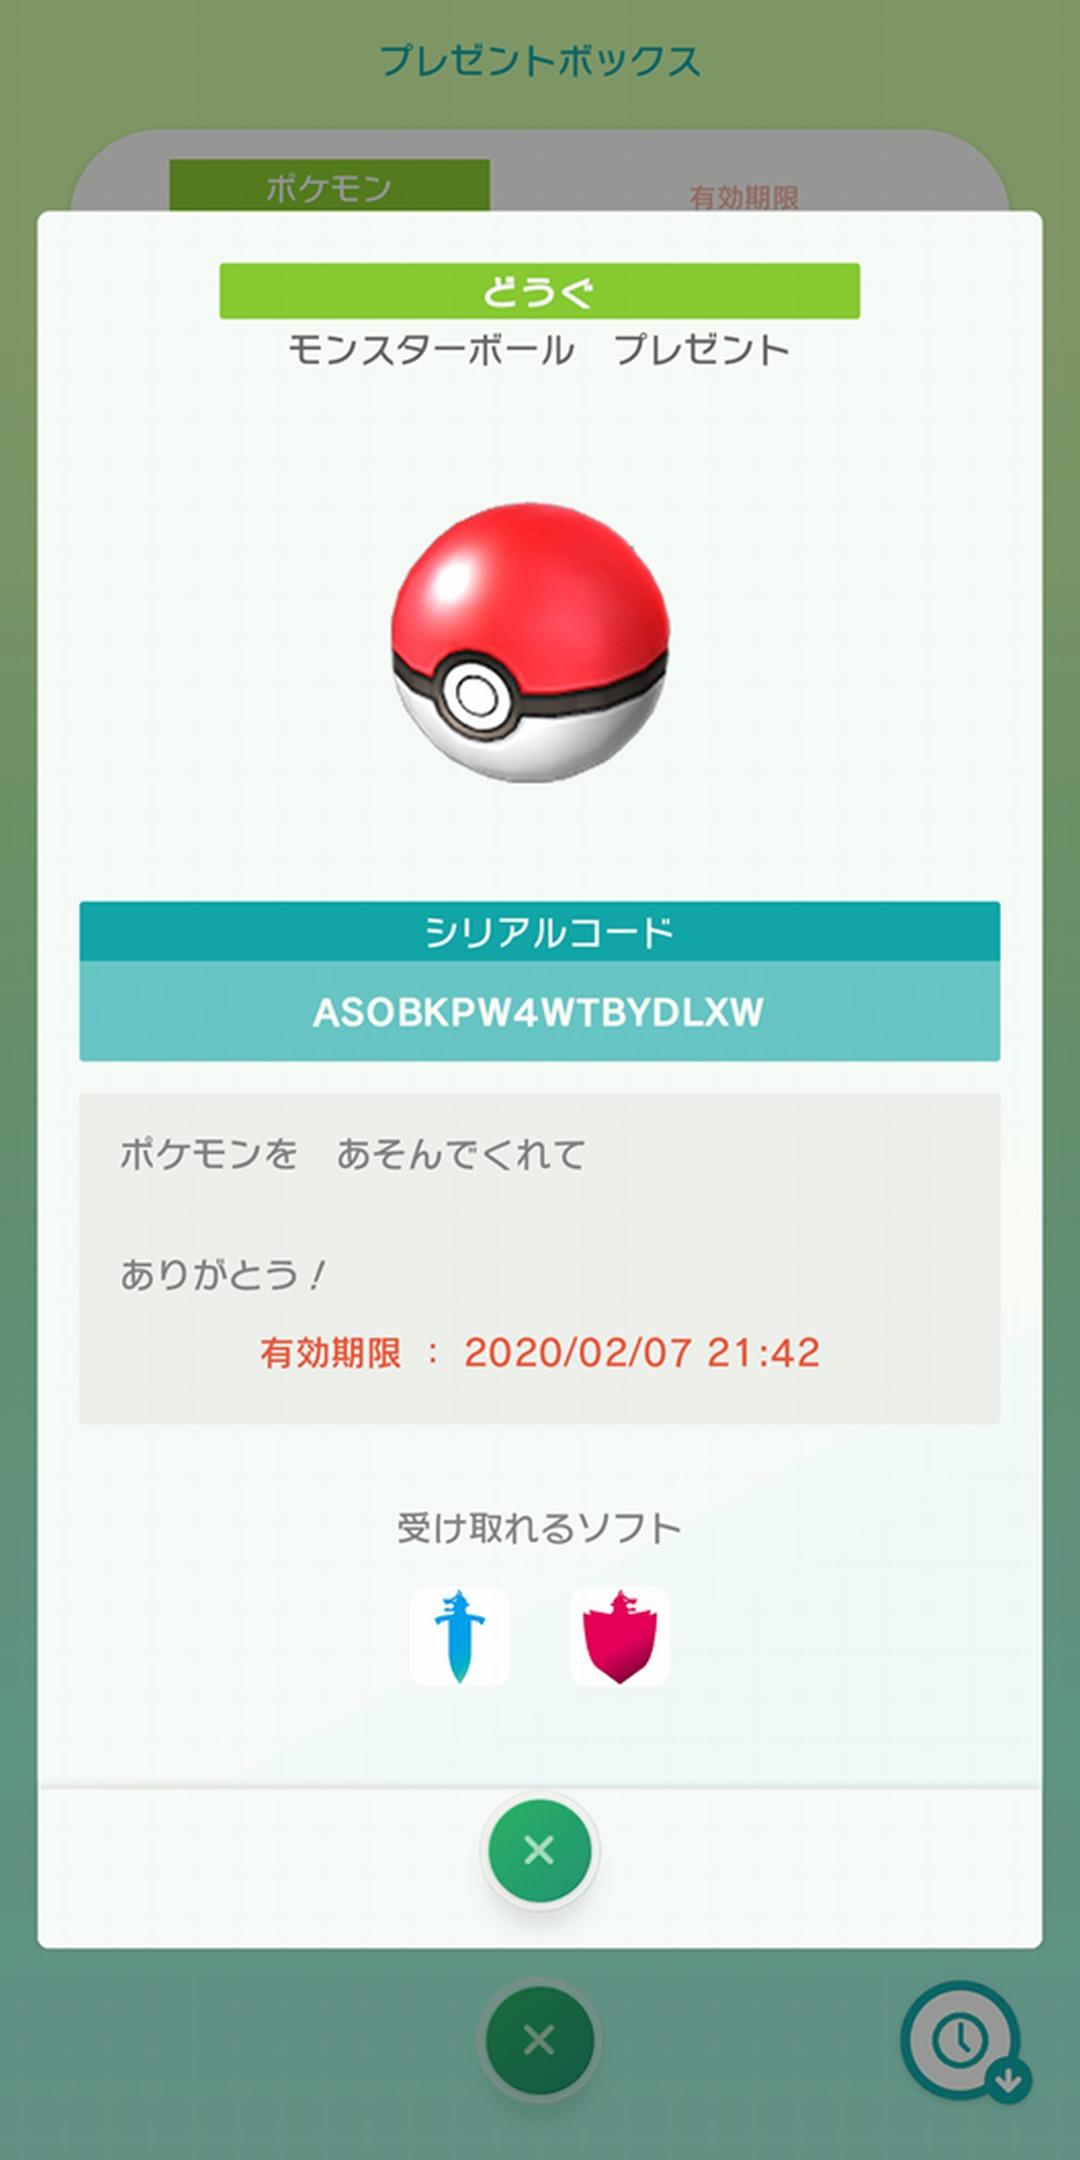 ふしぎなおくりもの4 (C)2020 Pokémon. (C)1995-2020 Nintendo/Creatures Inc. /GAME FREAK inc.